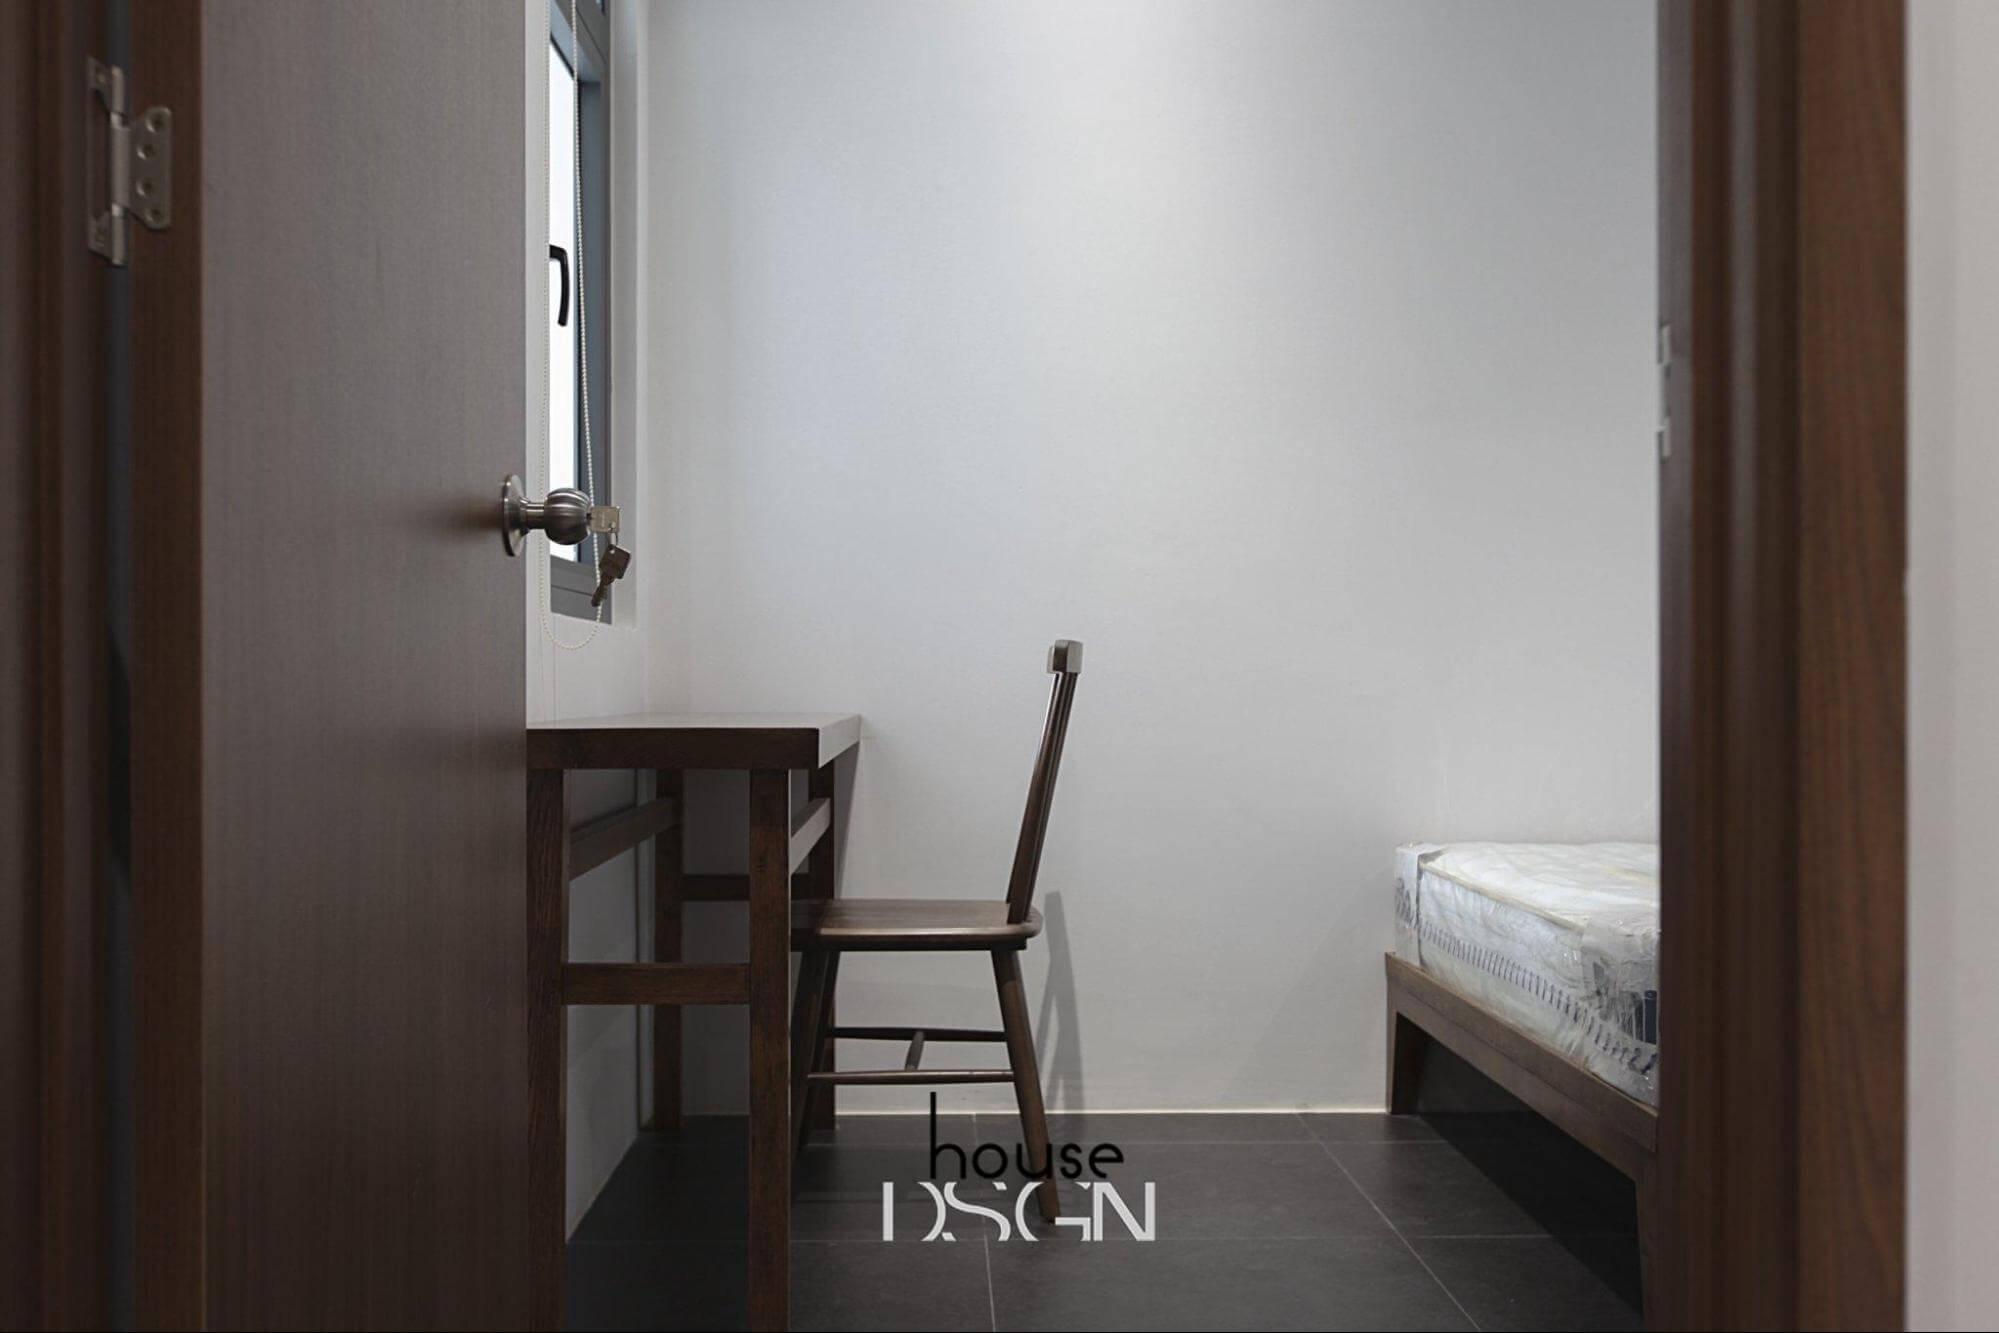 thiết kế nội thất hiện đại và chuyên nghiệp